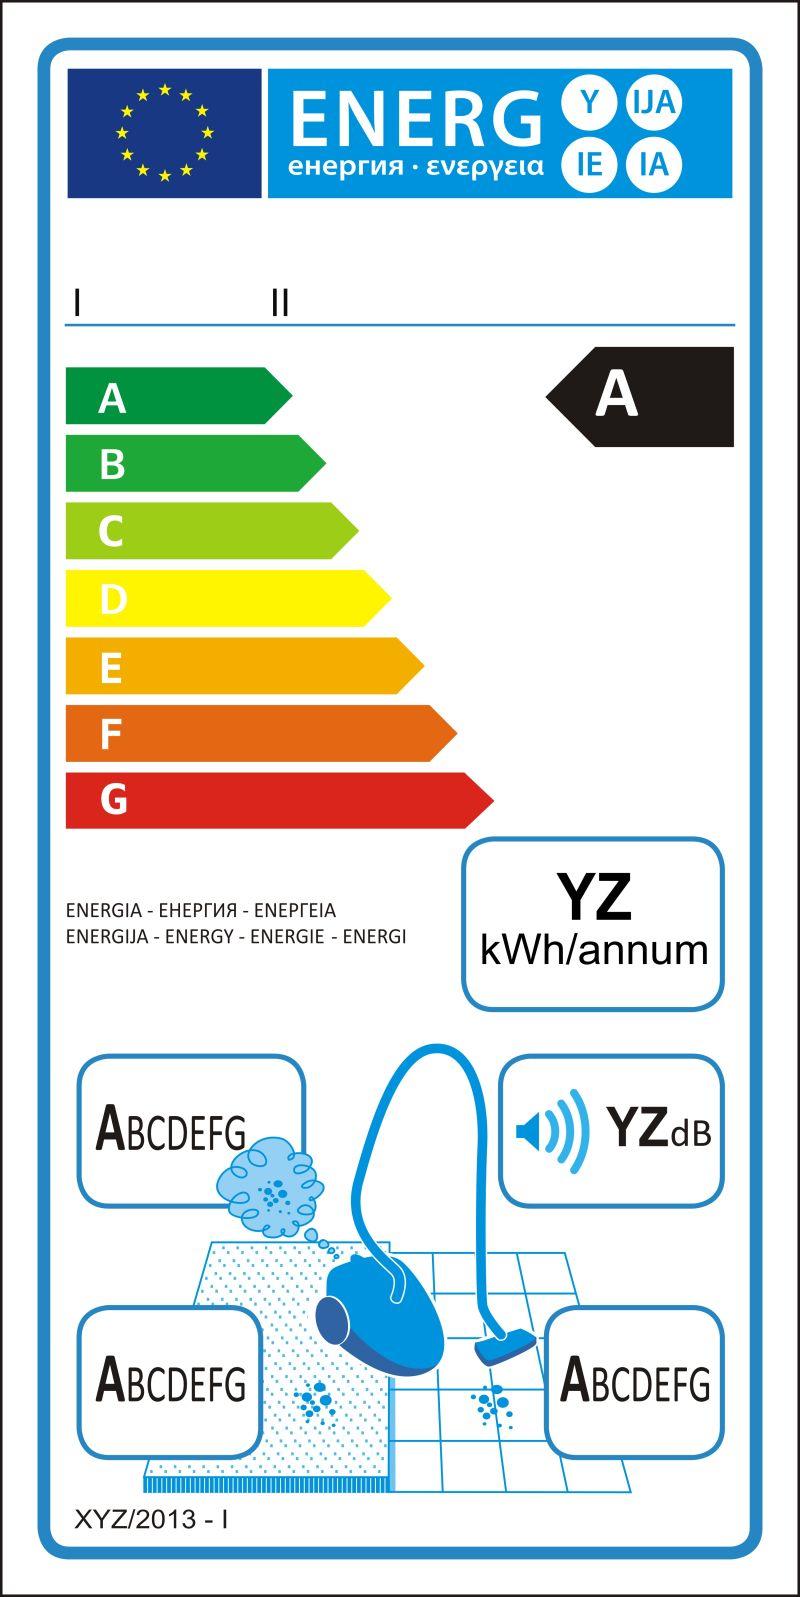 真空吸尘器新能源等级矢量图标签